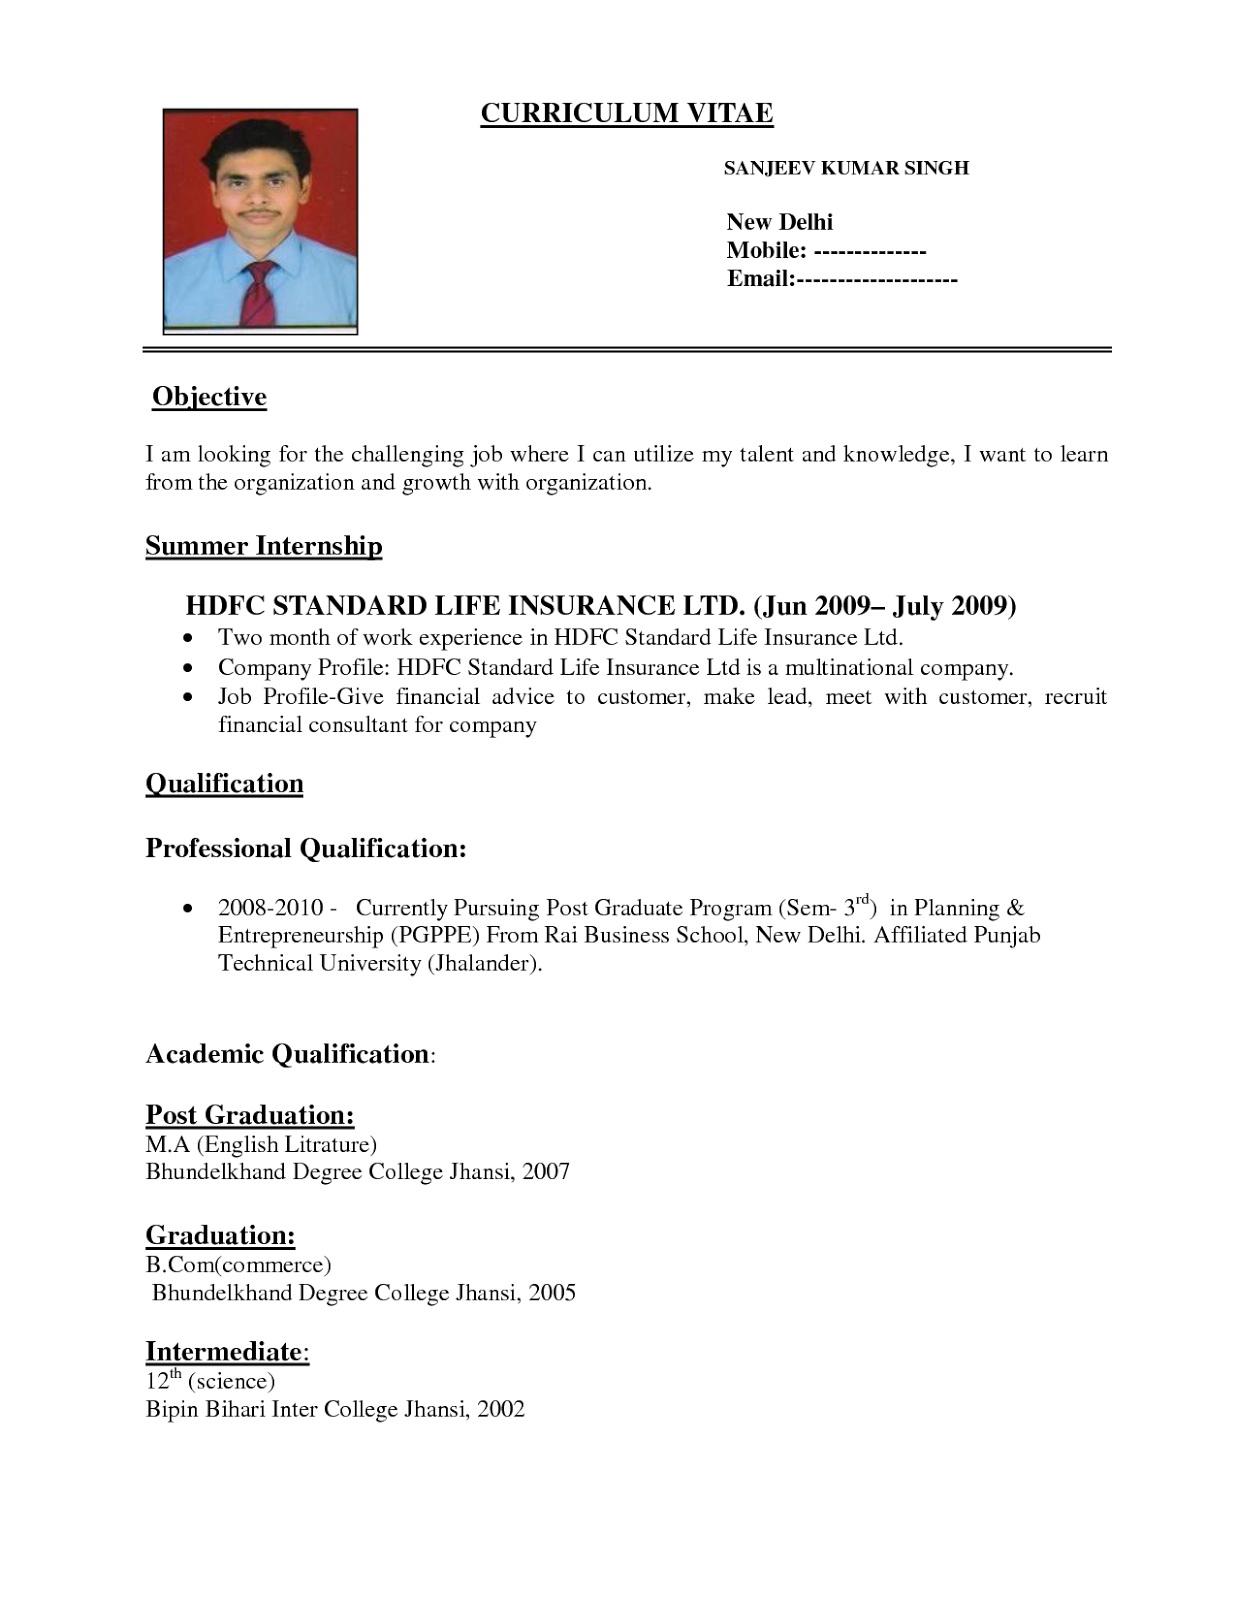 Simple Resume Format Pdf India